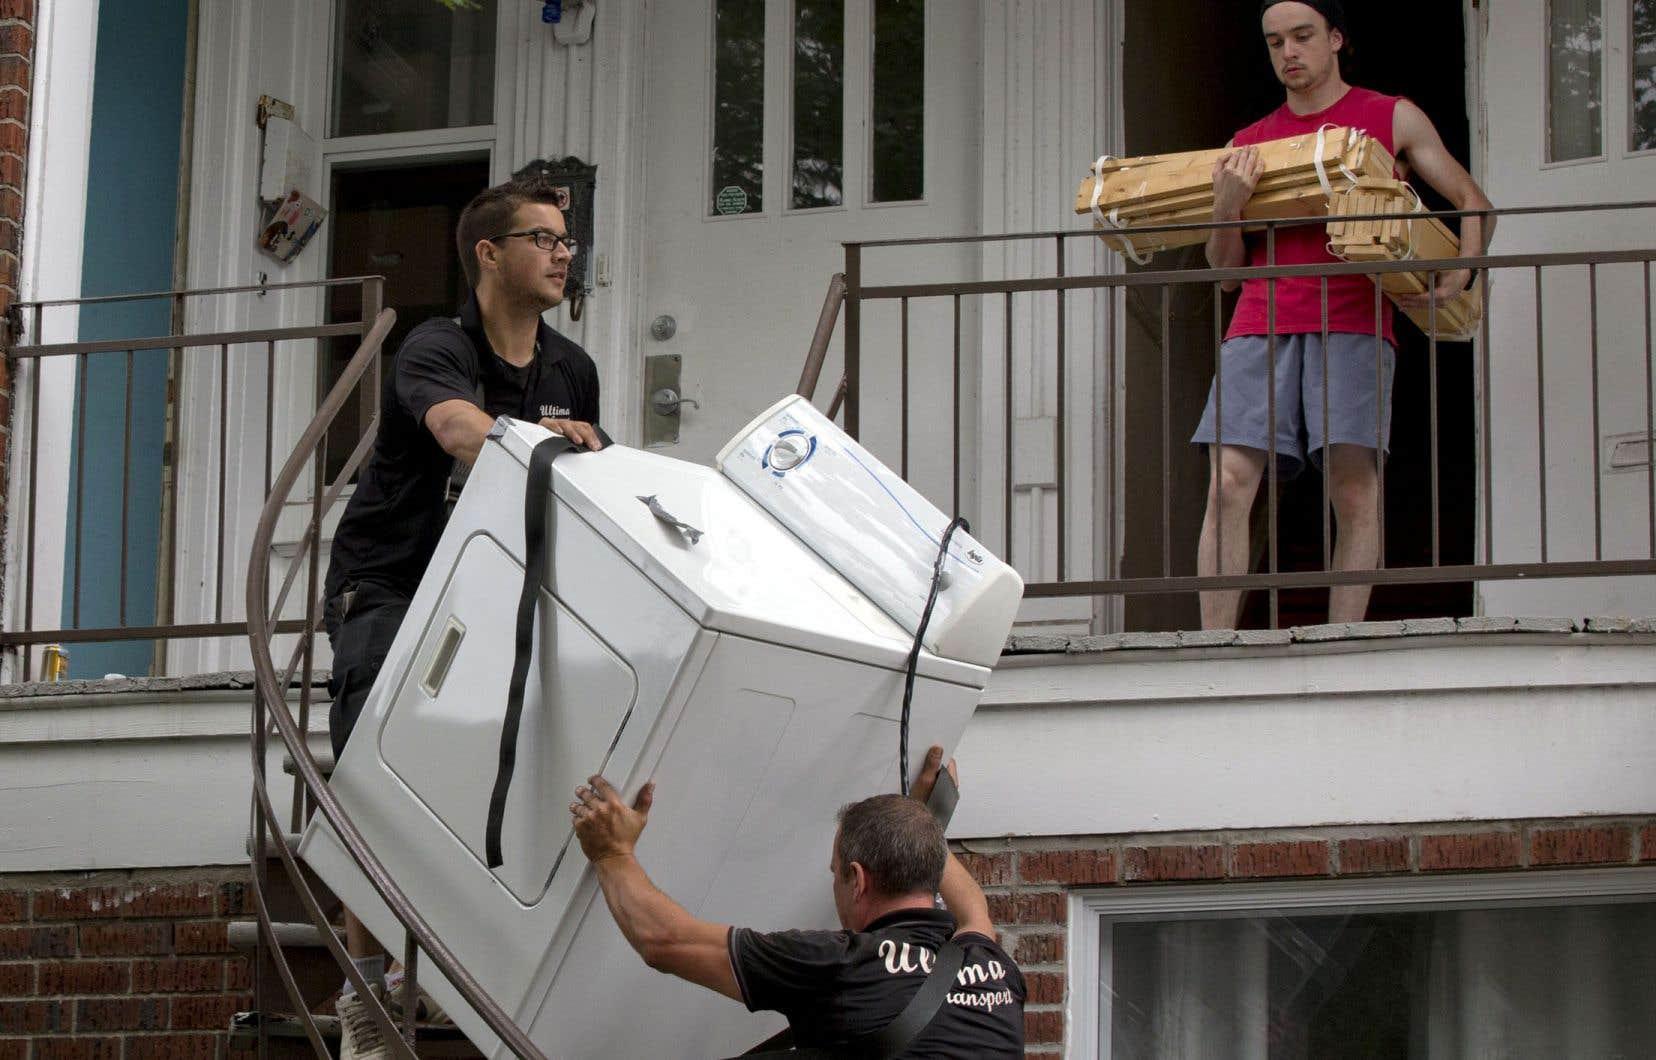 Les groupes de défense des locataires s'opposent farouchement au dépôt de garantie, dans lequel ils voient une barrière de plus au logement pour les locataires les plus pauvres.